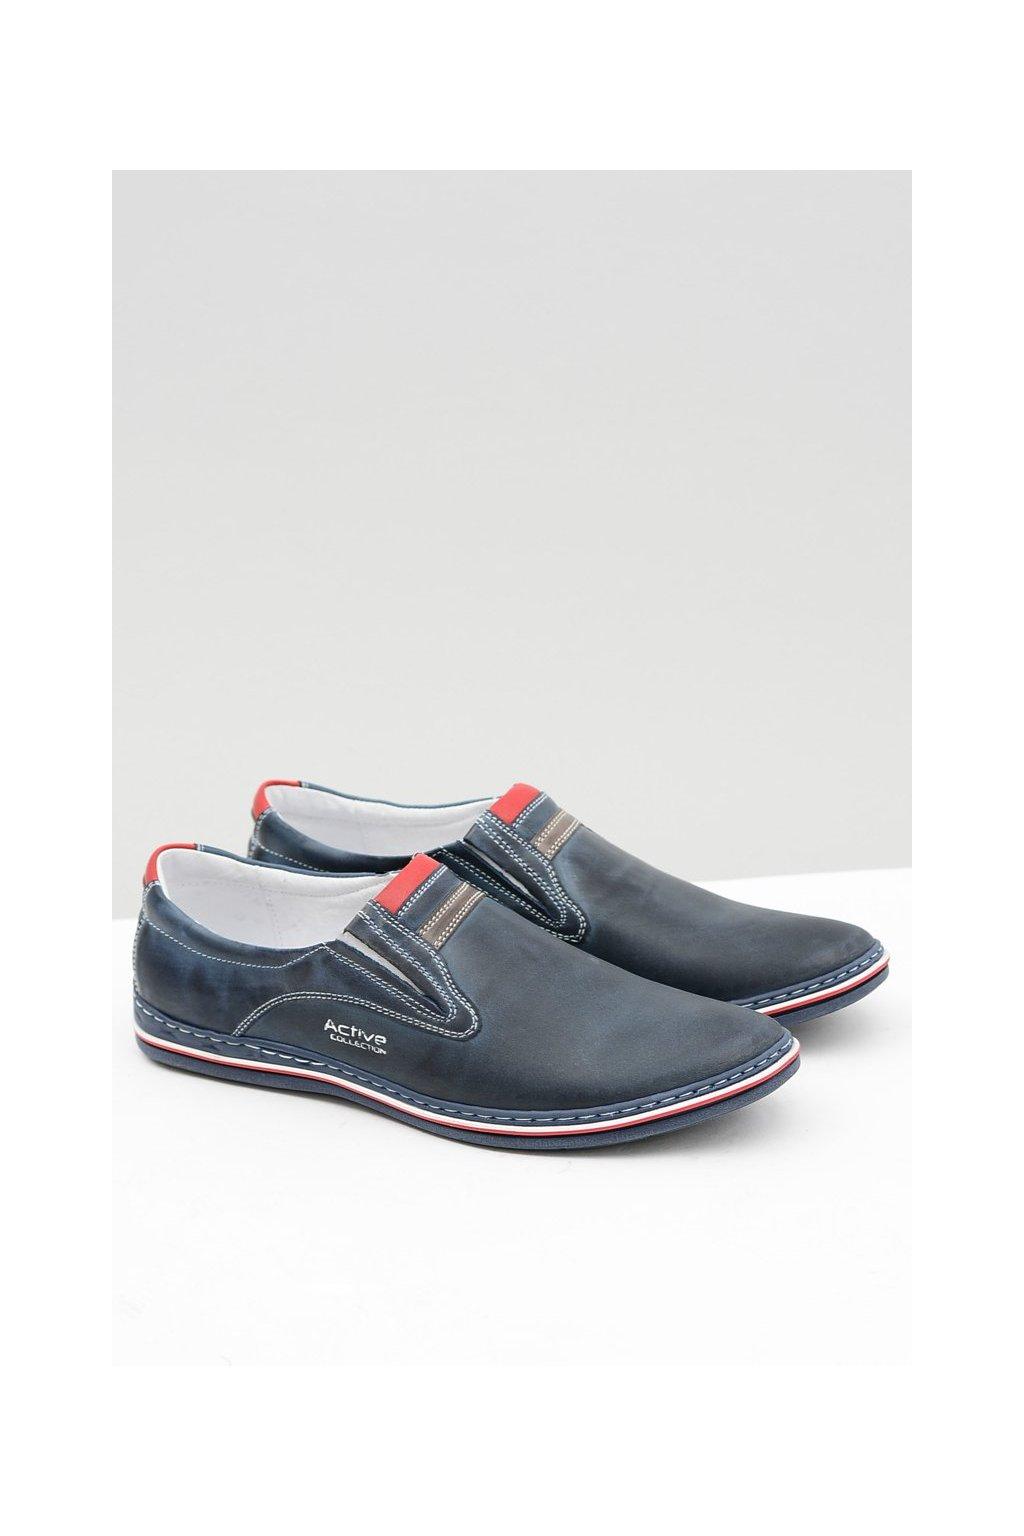 Tmavo modré Slip-on kožené čierne pánske topánky Mellos